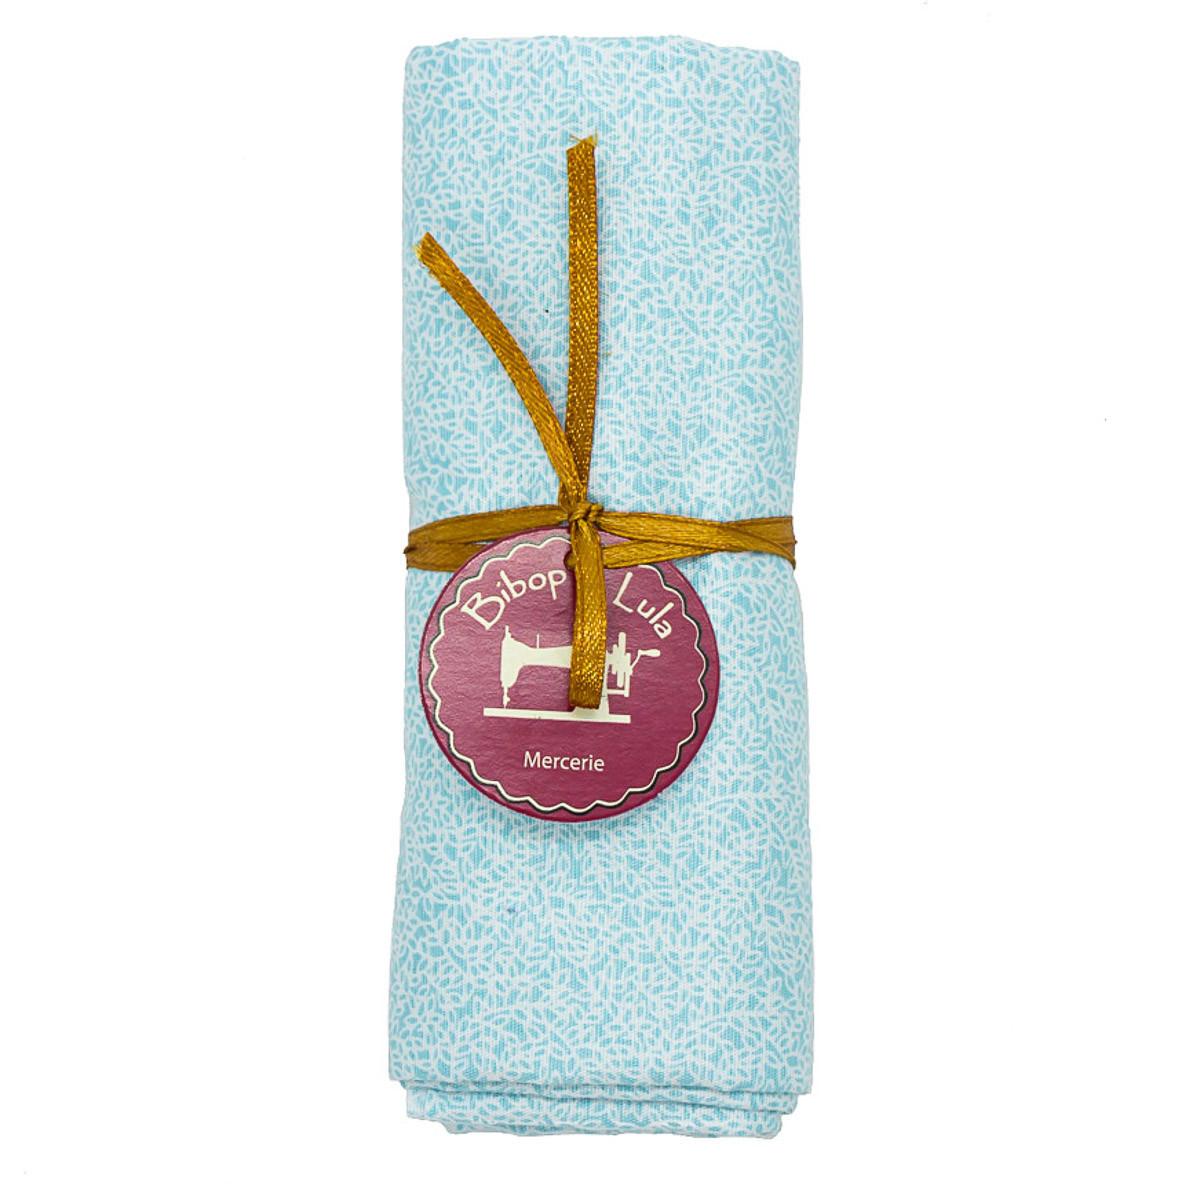 coupon tissu coton mini feuilles blaches sur fond bleu ciel